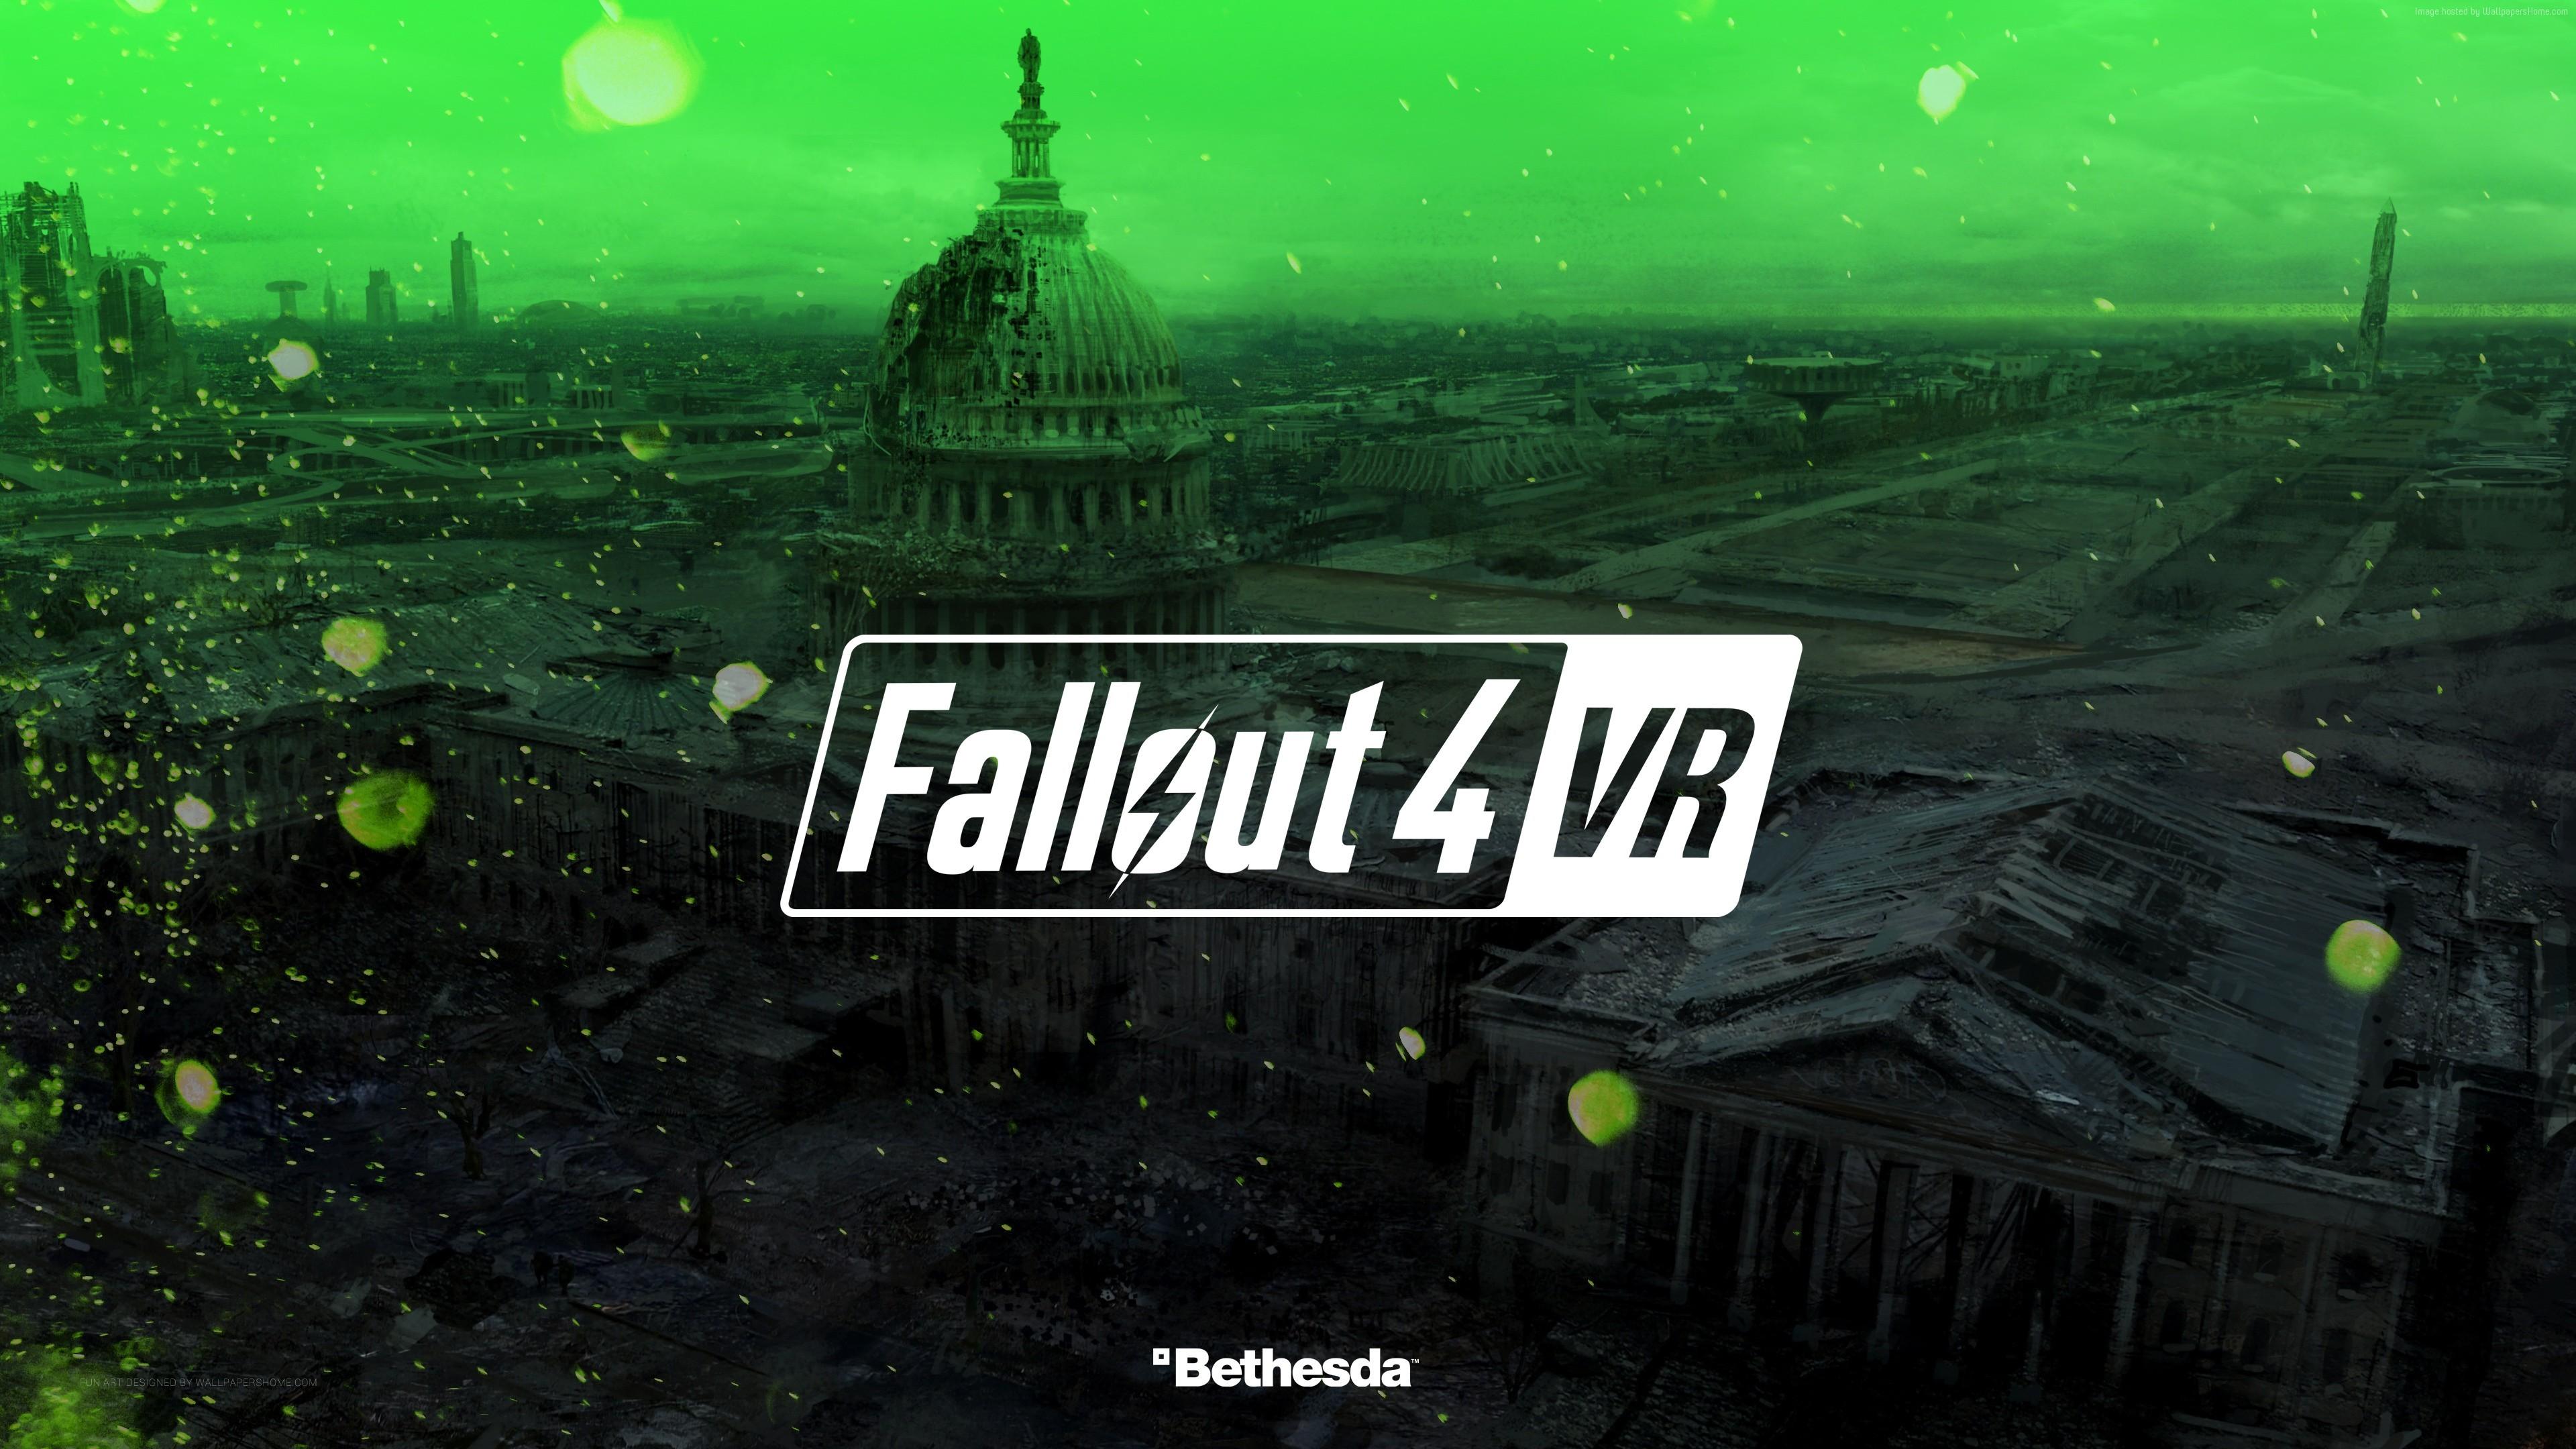 Fallout 4 VR 4K Wallpaper